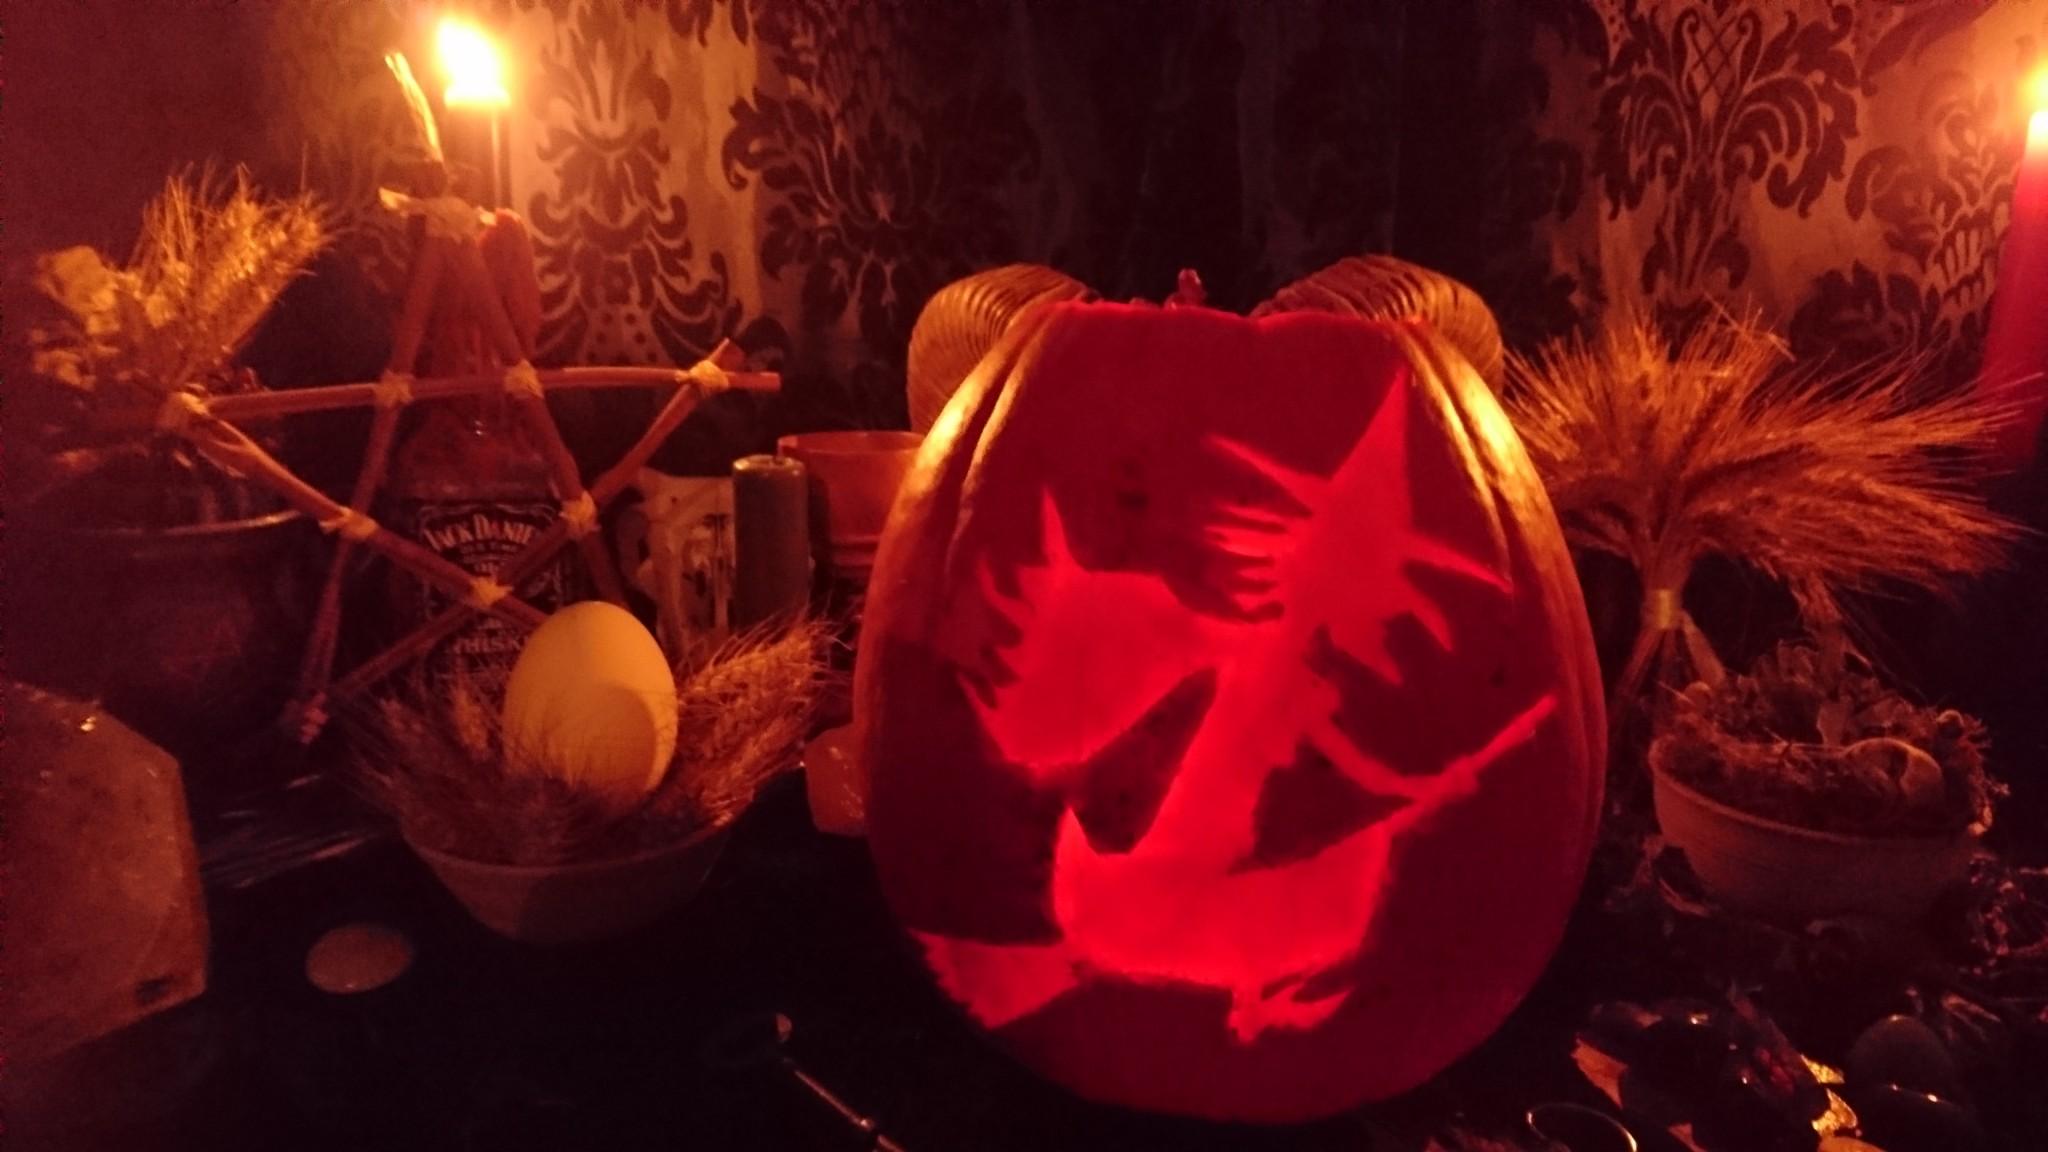 Great Samhain pumpkin photo